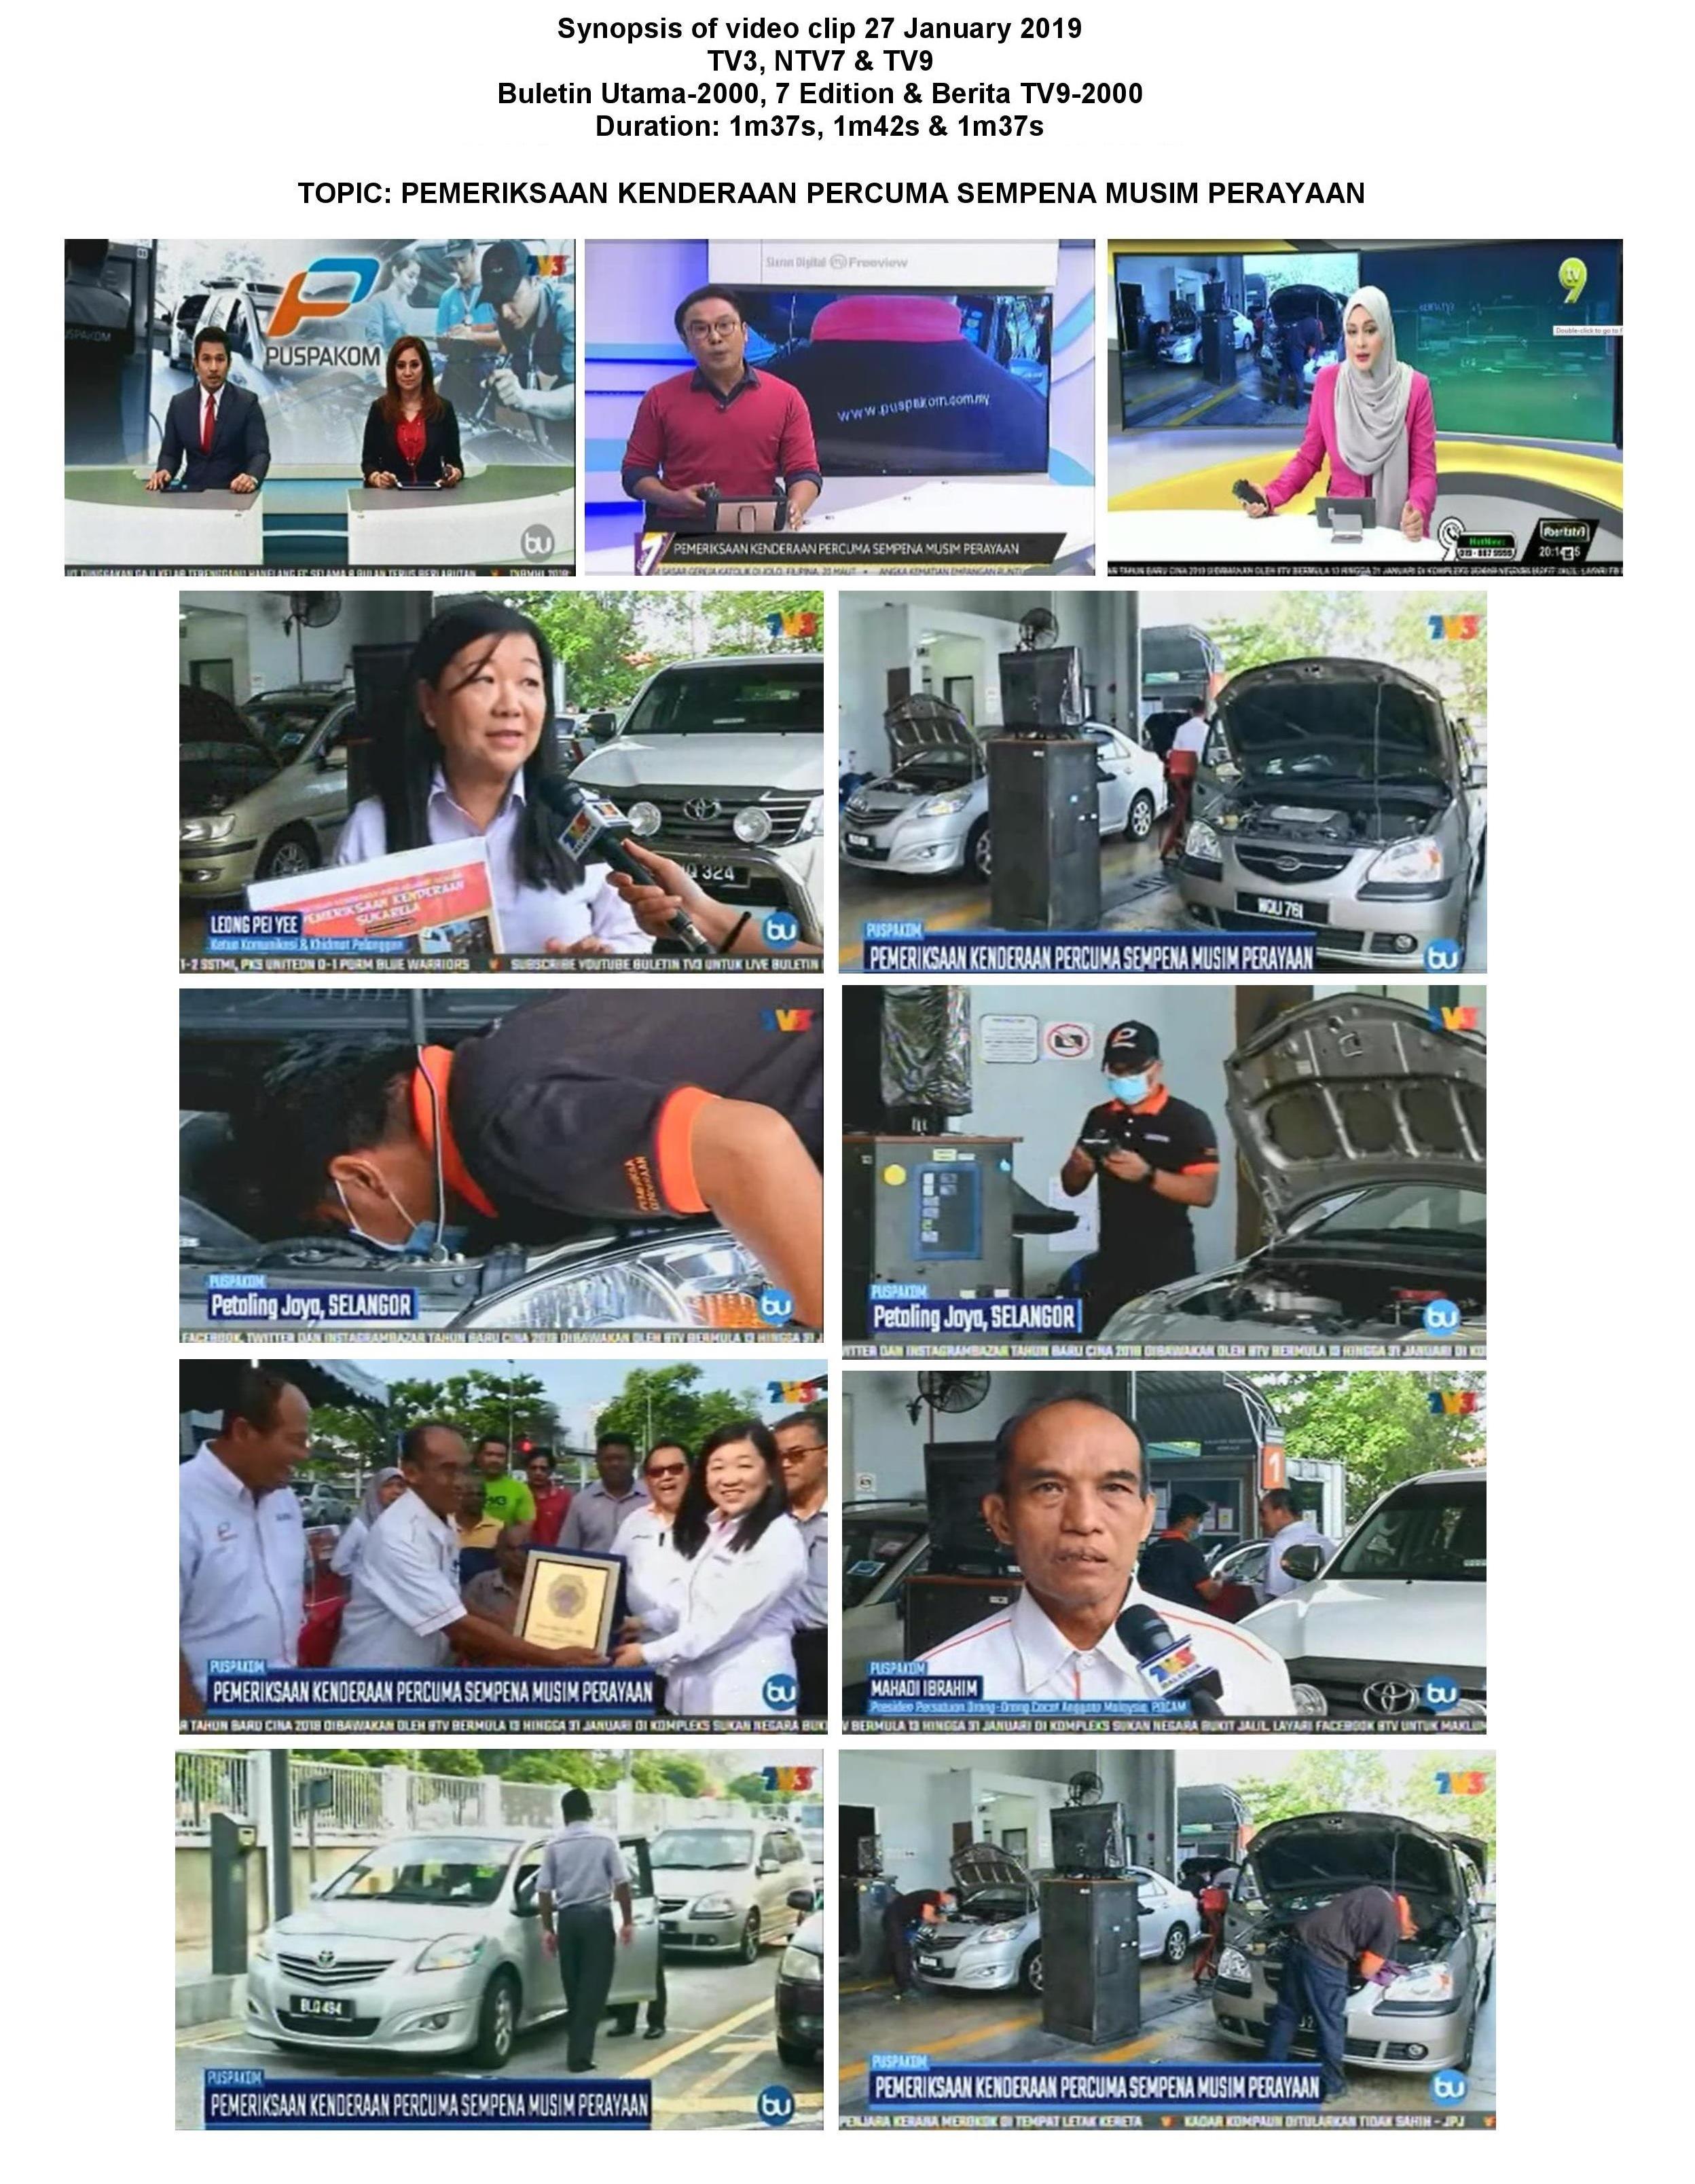 Synopsis of TV3, NTV7 & TV9_27.1_Pemeriksaan Kenderaan Percuma Sempena Musim Perayaan